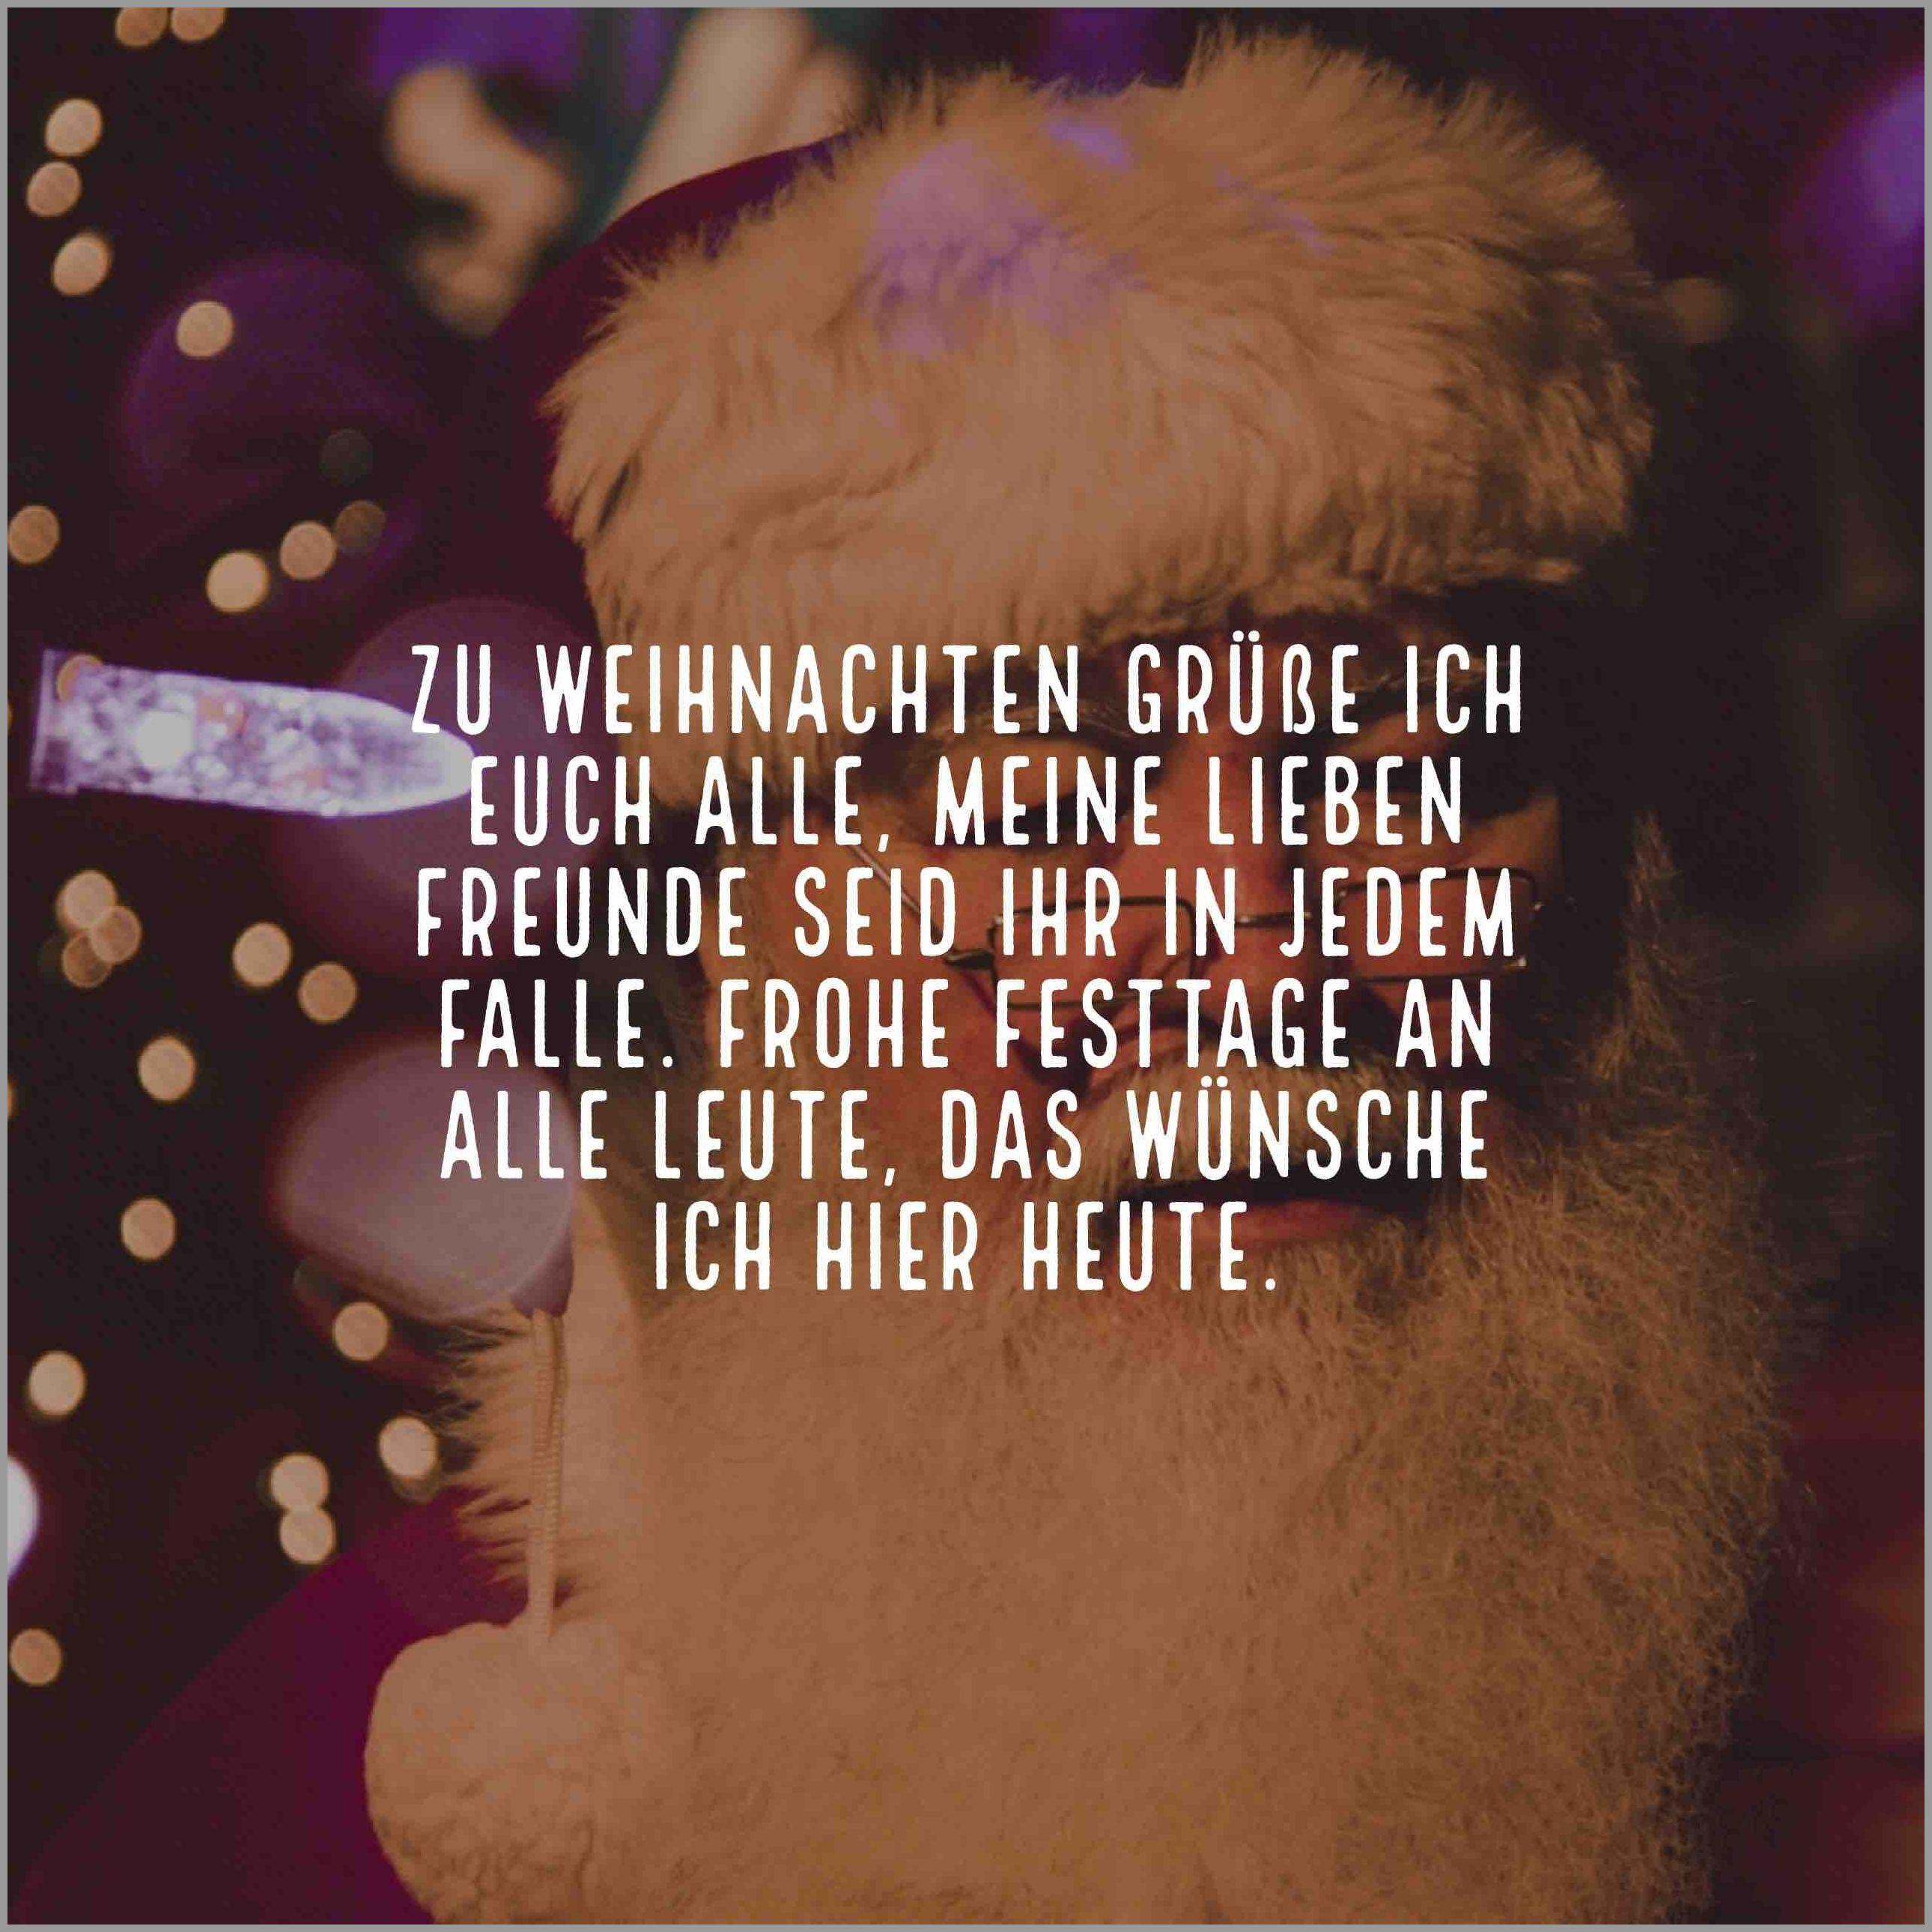 Zu weihnachten gruesse ich euch alle meine lieben freunde seid ihr in jedem falle frohe festtage an alle leute das wuensche ich hier heute - Zu weihnachten gruesse ich euch alle meine lieben freunde seid ihr in jedem falle frohe festtage an alle leute das wuensche ich hier heute